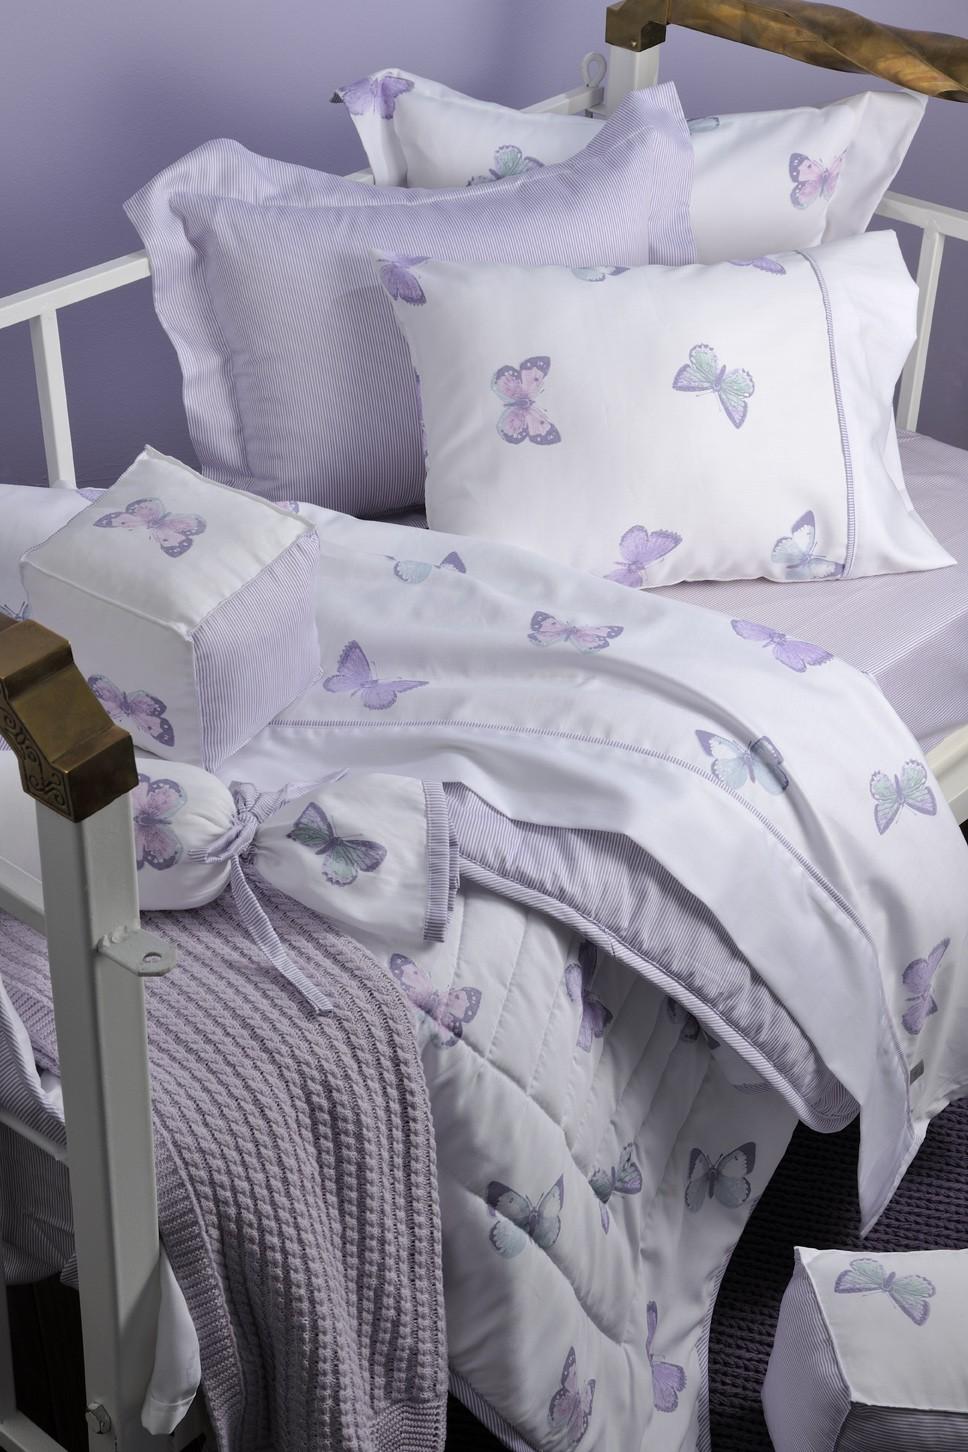 Διακοσμητικό Μαξιλάρι Καραμέλα Down Town BS 575 home   βρεφικά   διακοσμητικά μαξιλάρια βρεφικά